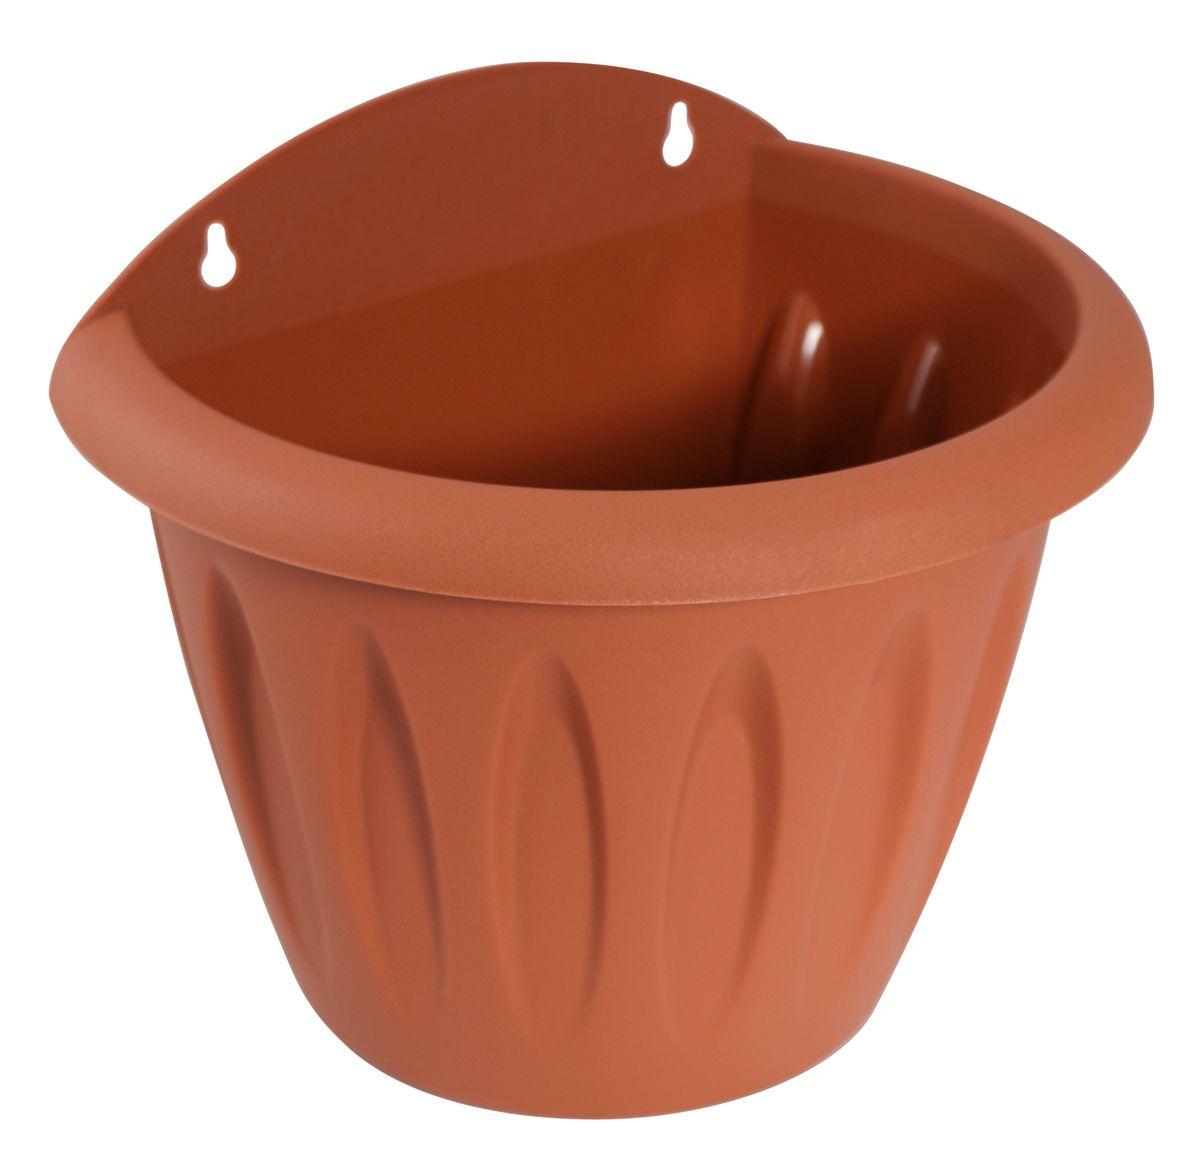 Кашпо настенное Martika Фелиция, цвет: терракотовый, 24 х 17,5 х 20,7 смMRC122TНастенное кашпо Martika Фелиция изготовлено из высококачественного пластика и имеет два удобных отверстия для крепления. Изделие прекрасно подойдет для выращивания растений дома и на приусадебных участках. Размер изделия: 24 х 17,5 х 20,7 см.